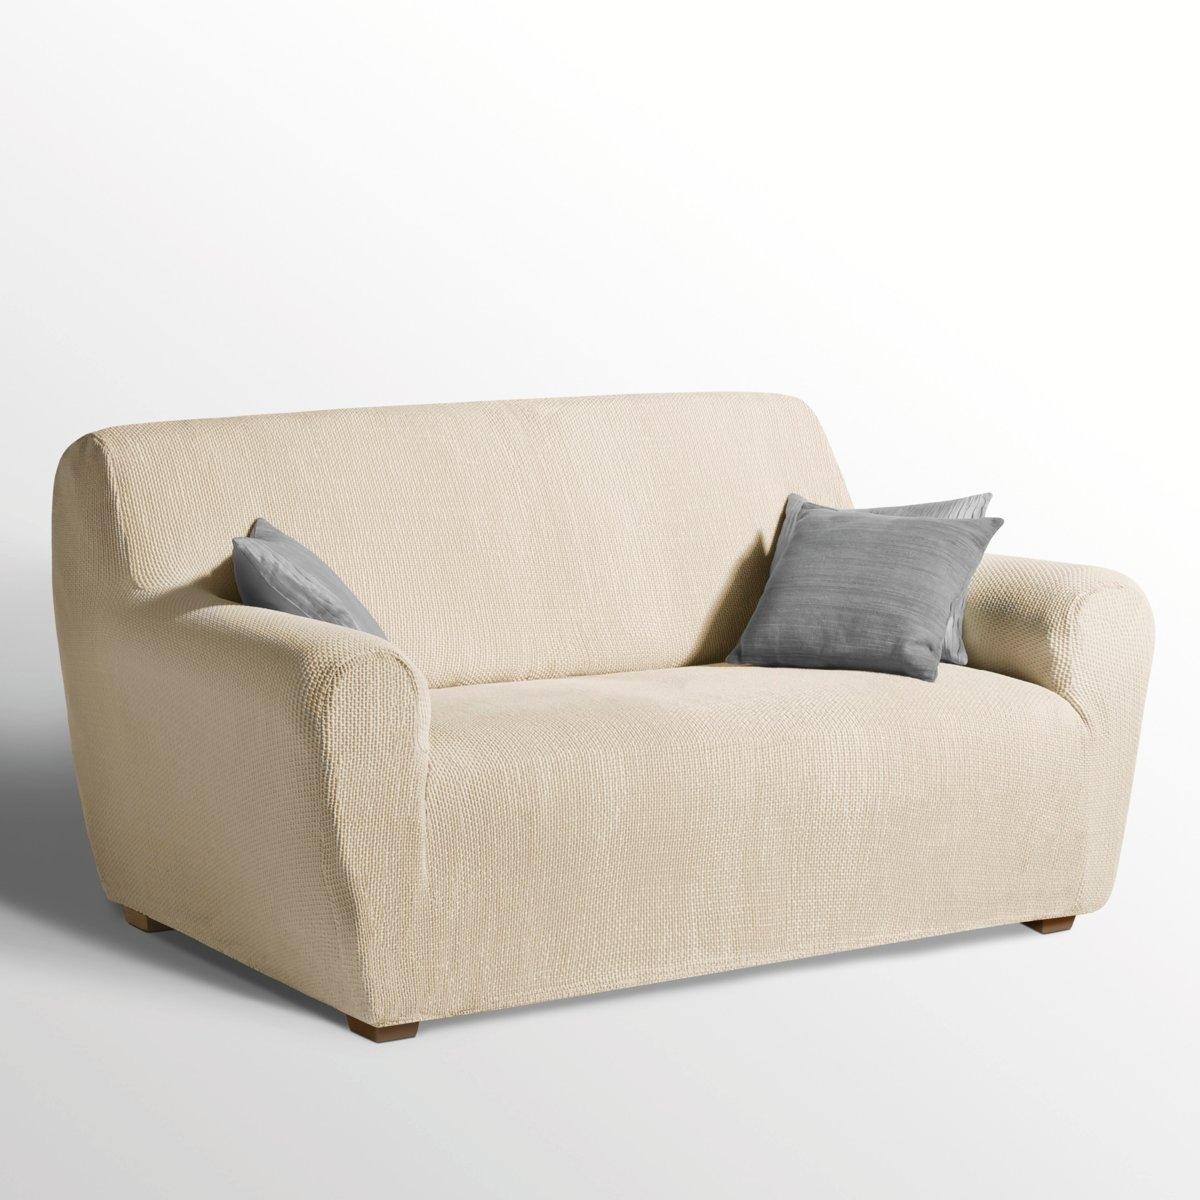 Чехлы для кресла и диванаИз эластичной гофрированной ткани, 55% хлопка, 40% полиэстера, 5% эластана. Стирка при 30°. Эластичный низ прекрасно закрывает кресла, диваны и стулья любых типов.<br><br>Цвет: антрацит,красный,серо-бежевый,серо-коричневый каштан,серый,черный,экрю<br>Размер: 1 места.2 места.1 места.3 местн..1 места.2 места.1 места.2 места.3 местн..1 места.2 места